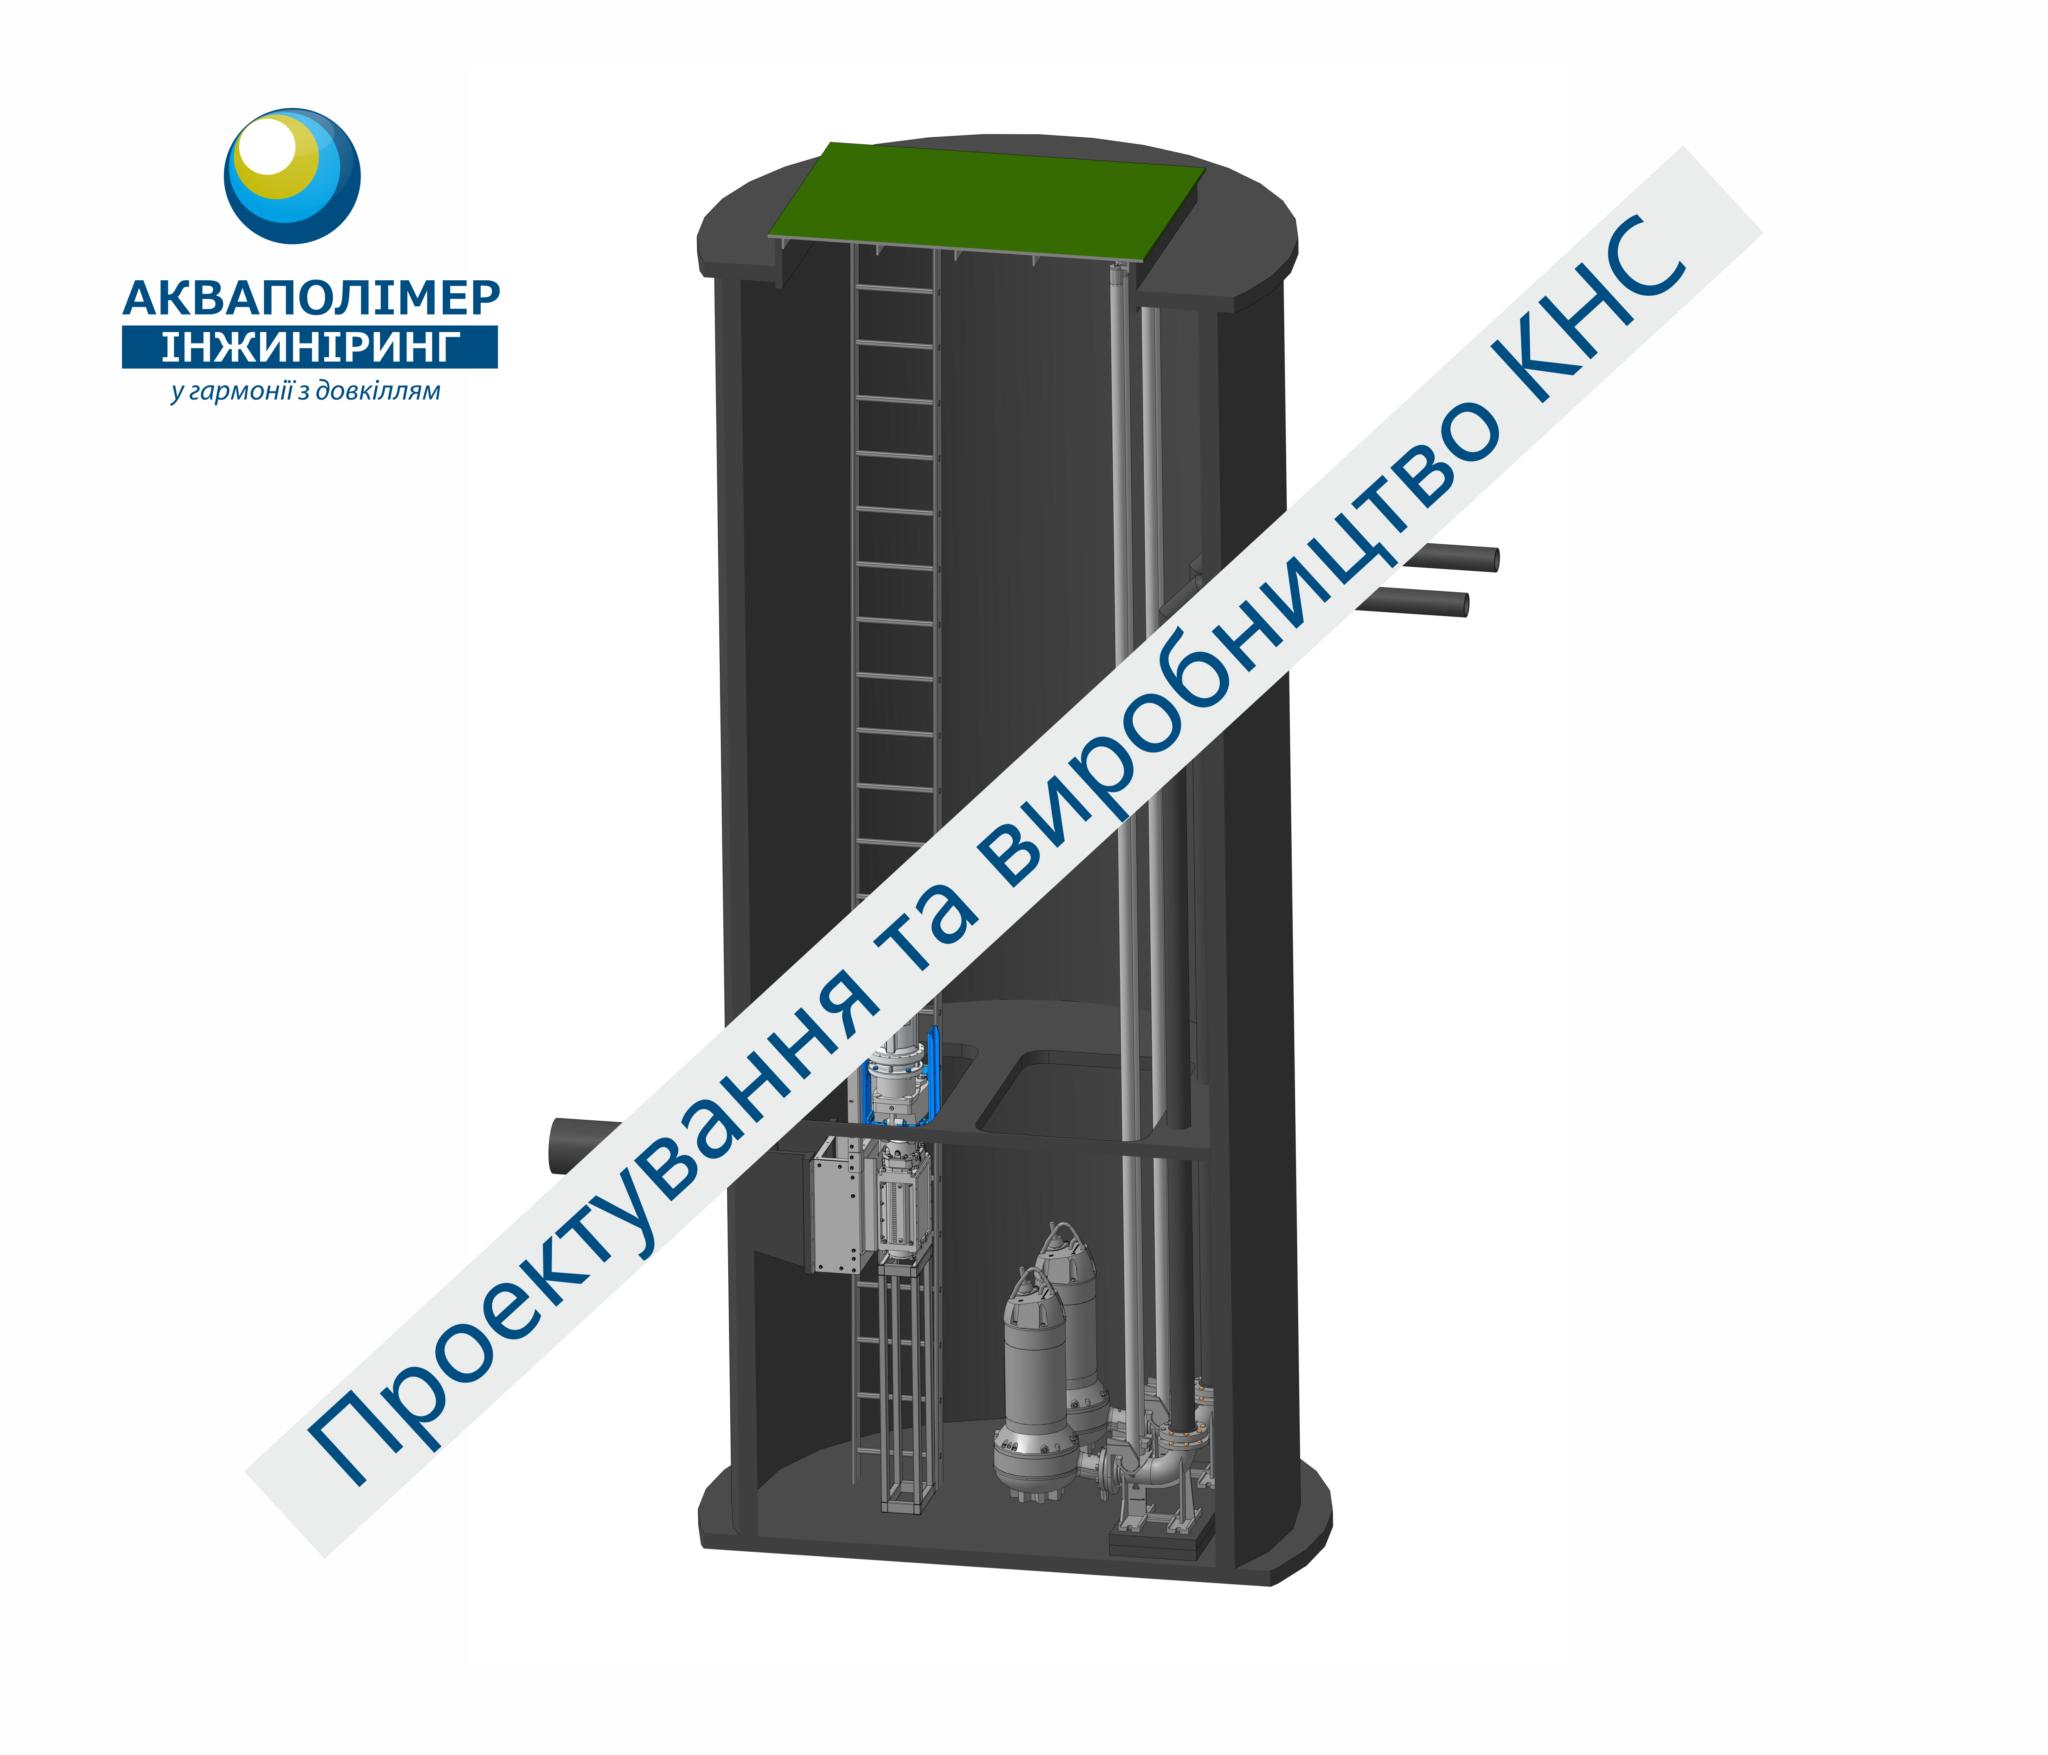 Проект КНС(каналізаційної насосної станції)..